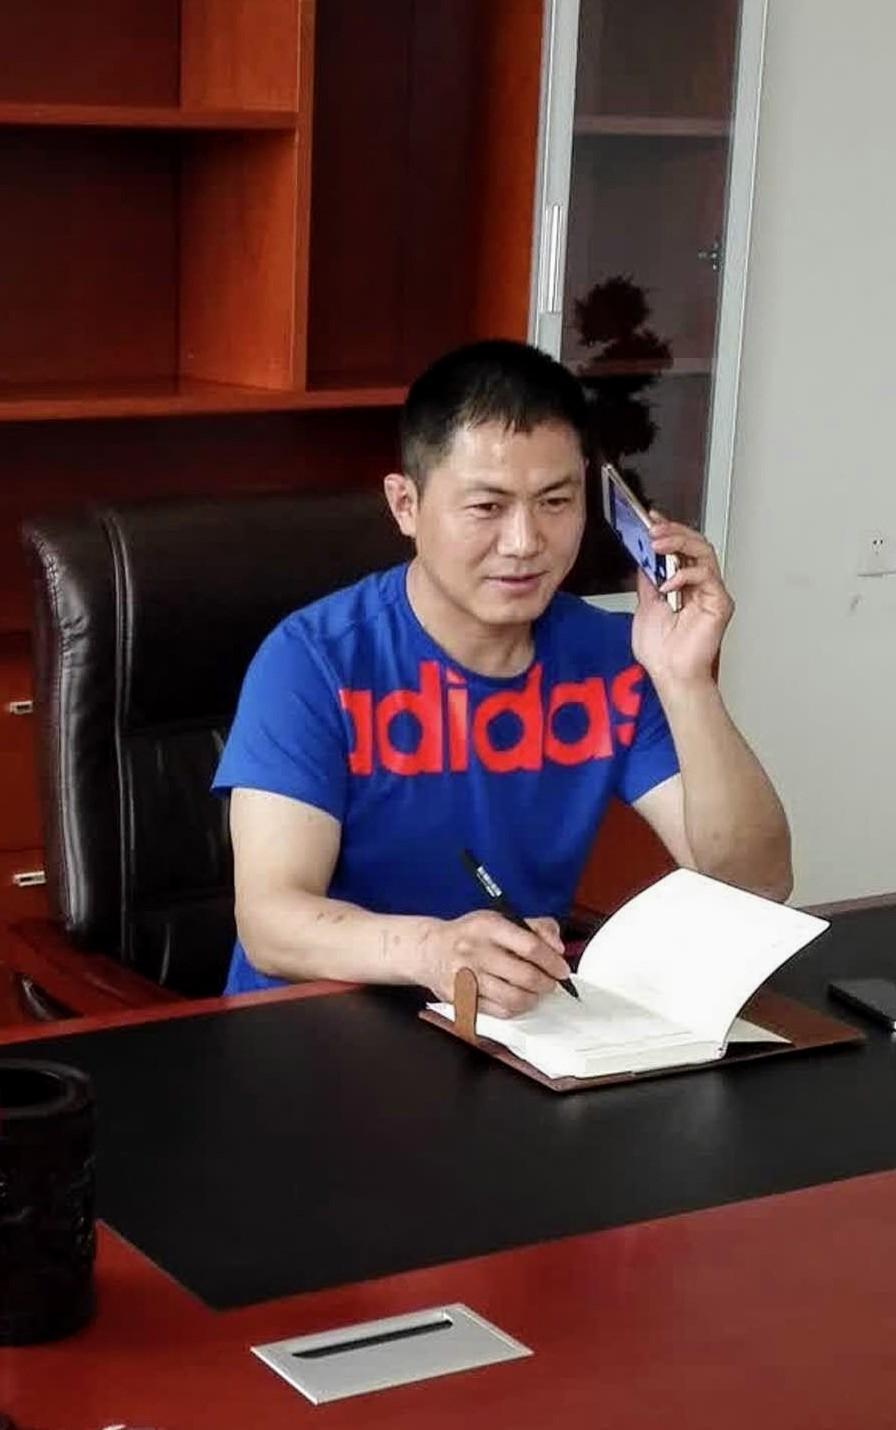 魏集东朱村王庄组王勇捐助1000元资金